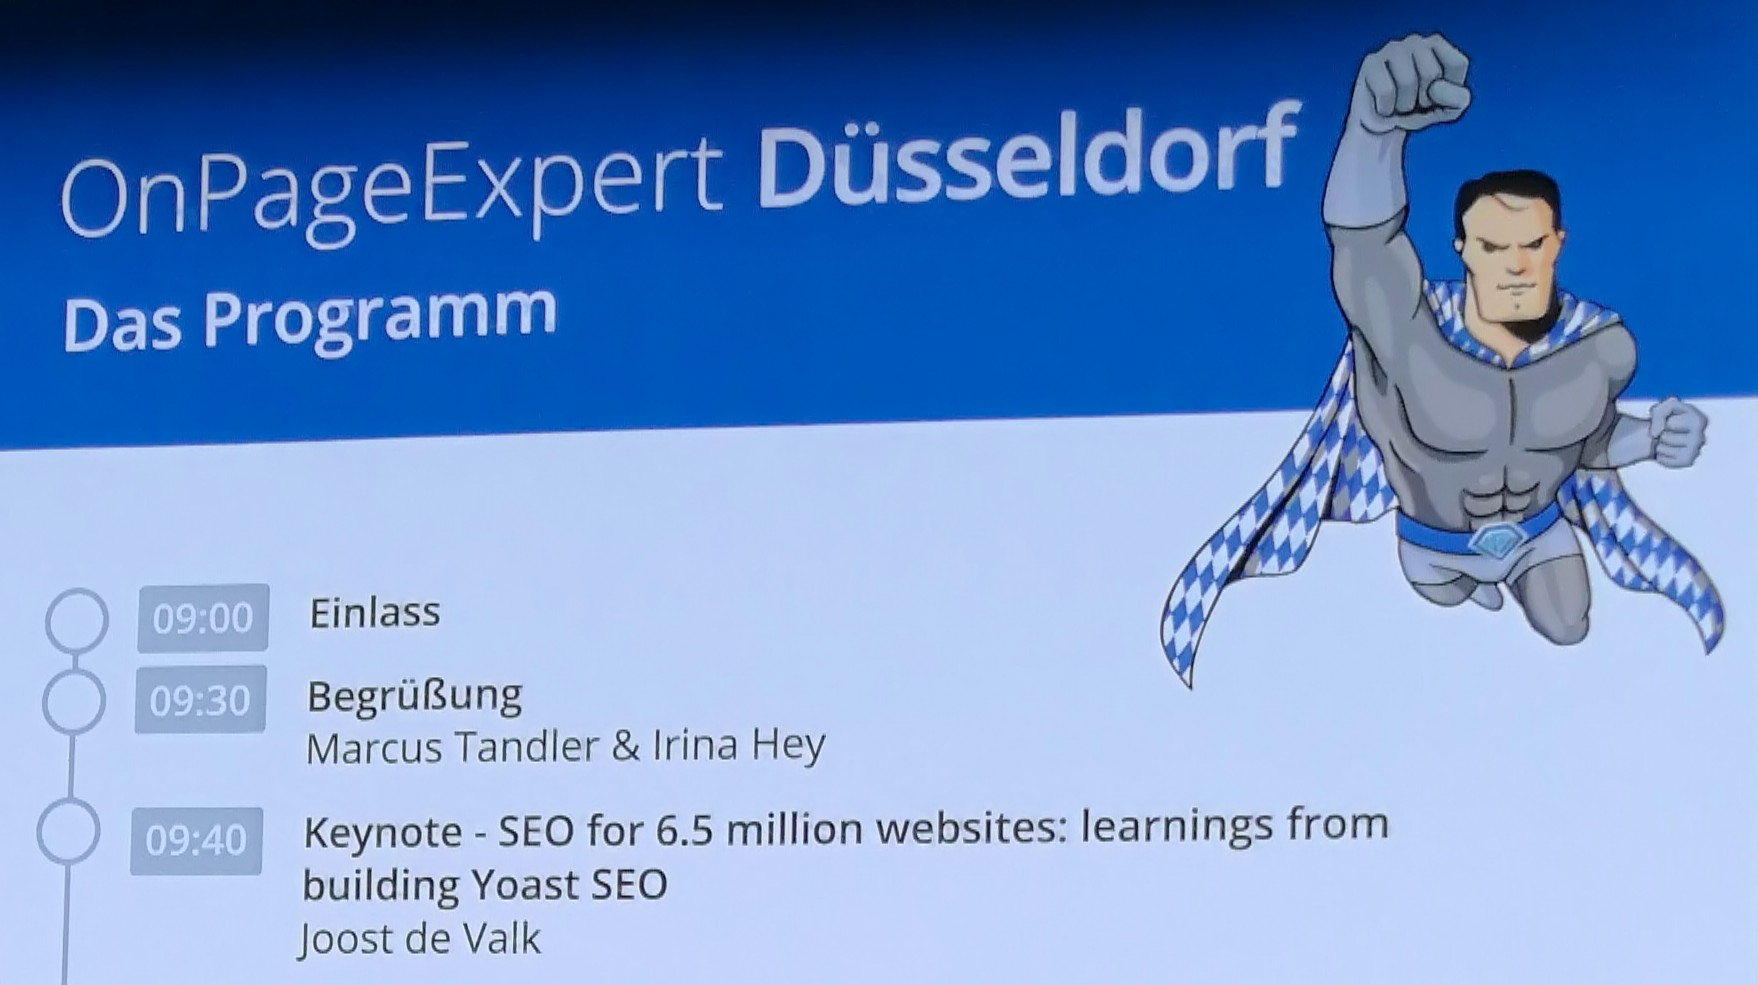 OnPage Expert Event in Düsseldorf